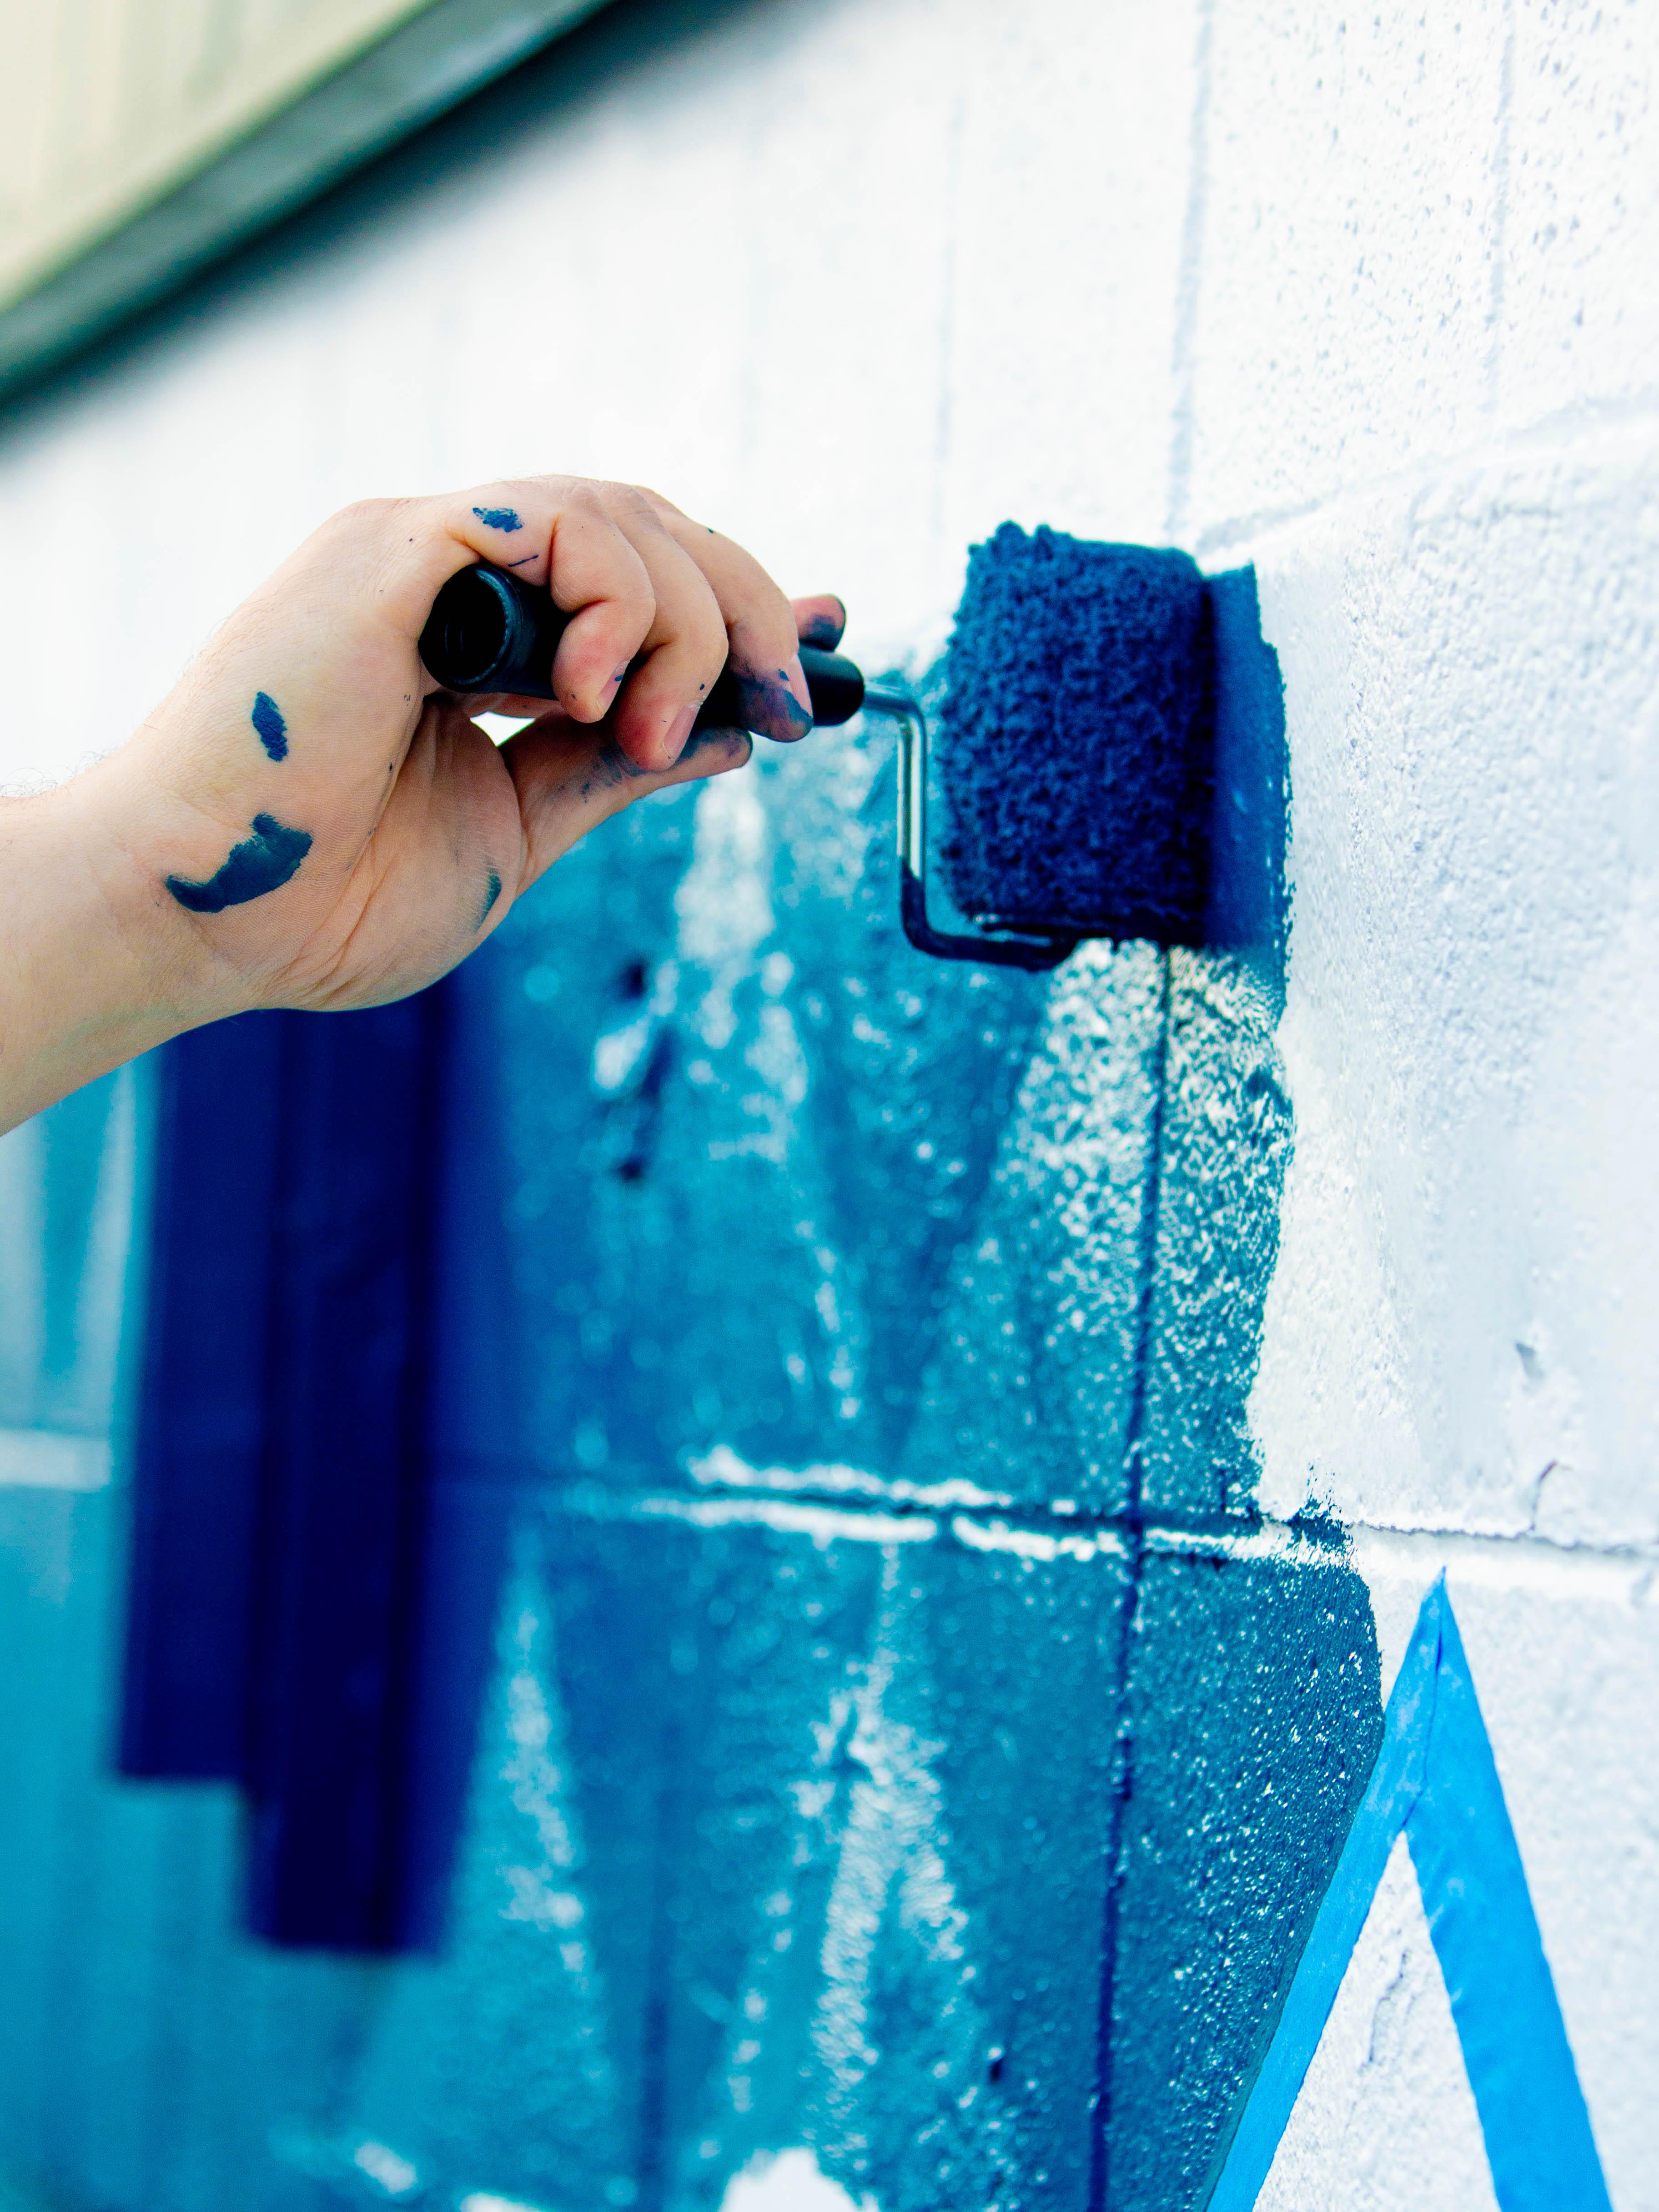 Paint roller on mural